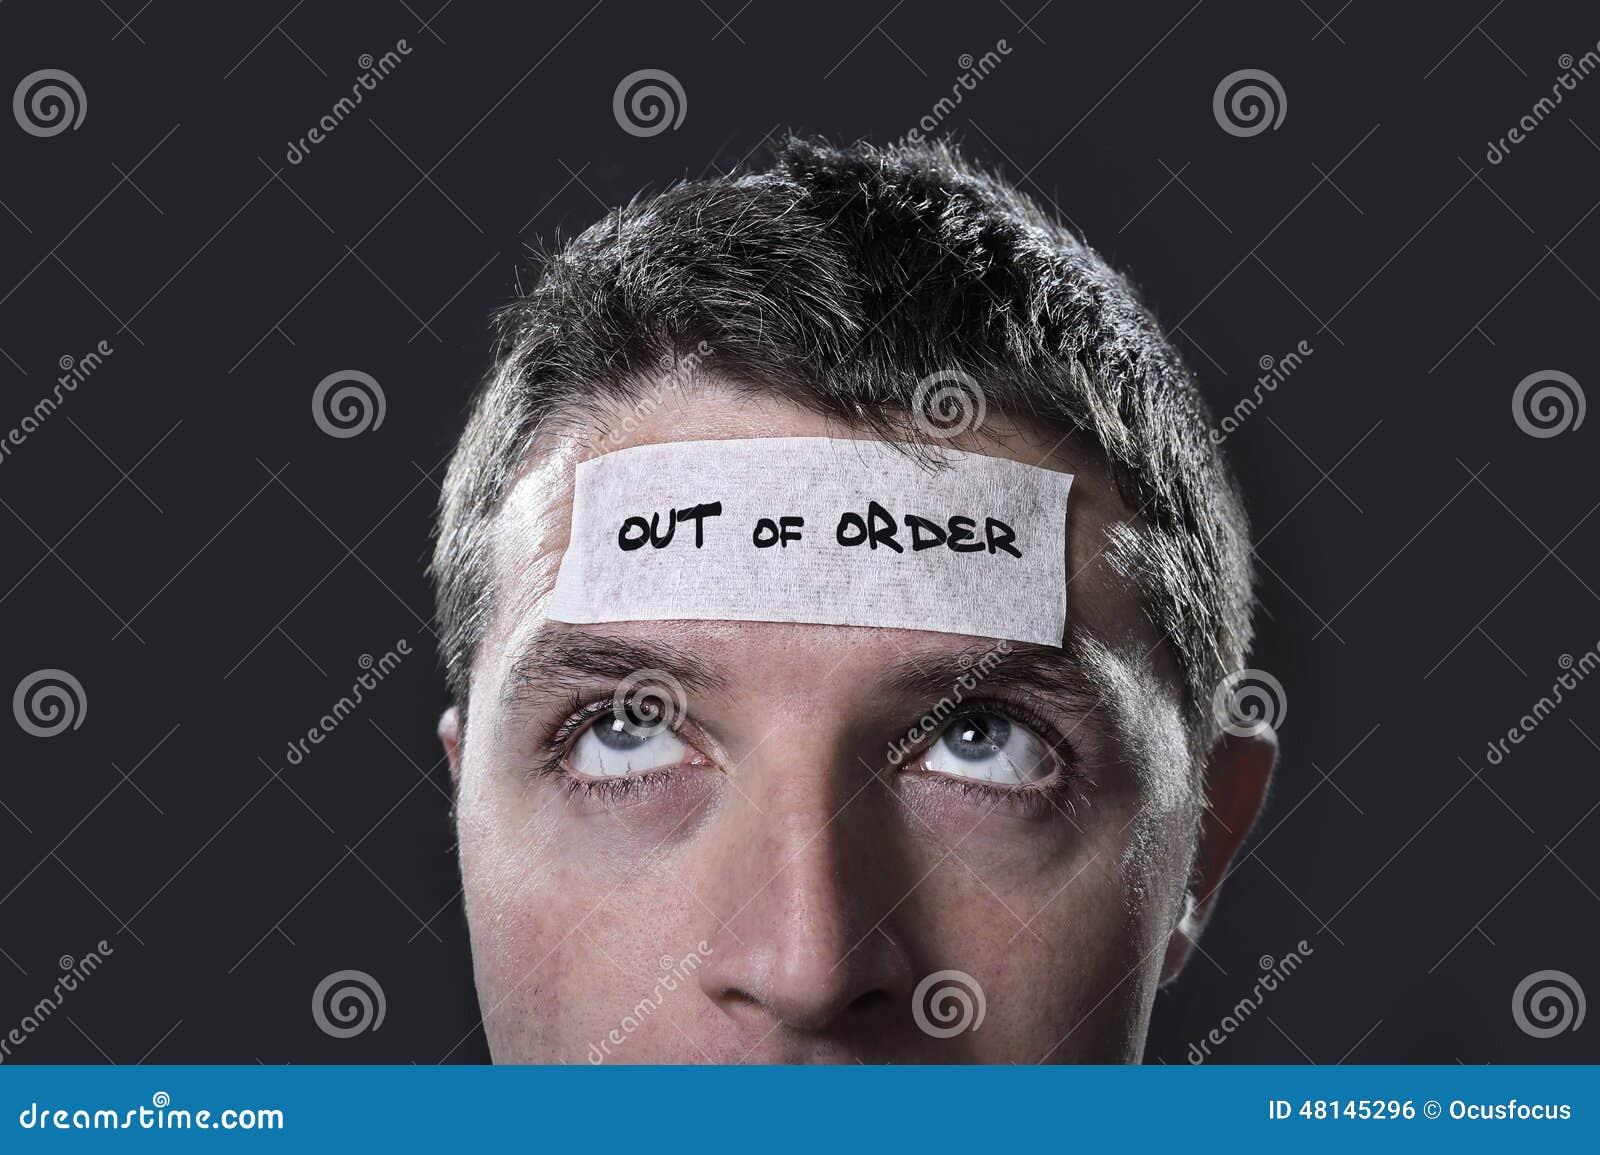 Den unga mannen med blåa ögon och bandet smsar ut ur beställning på pannan i torrt tömmer mening